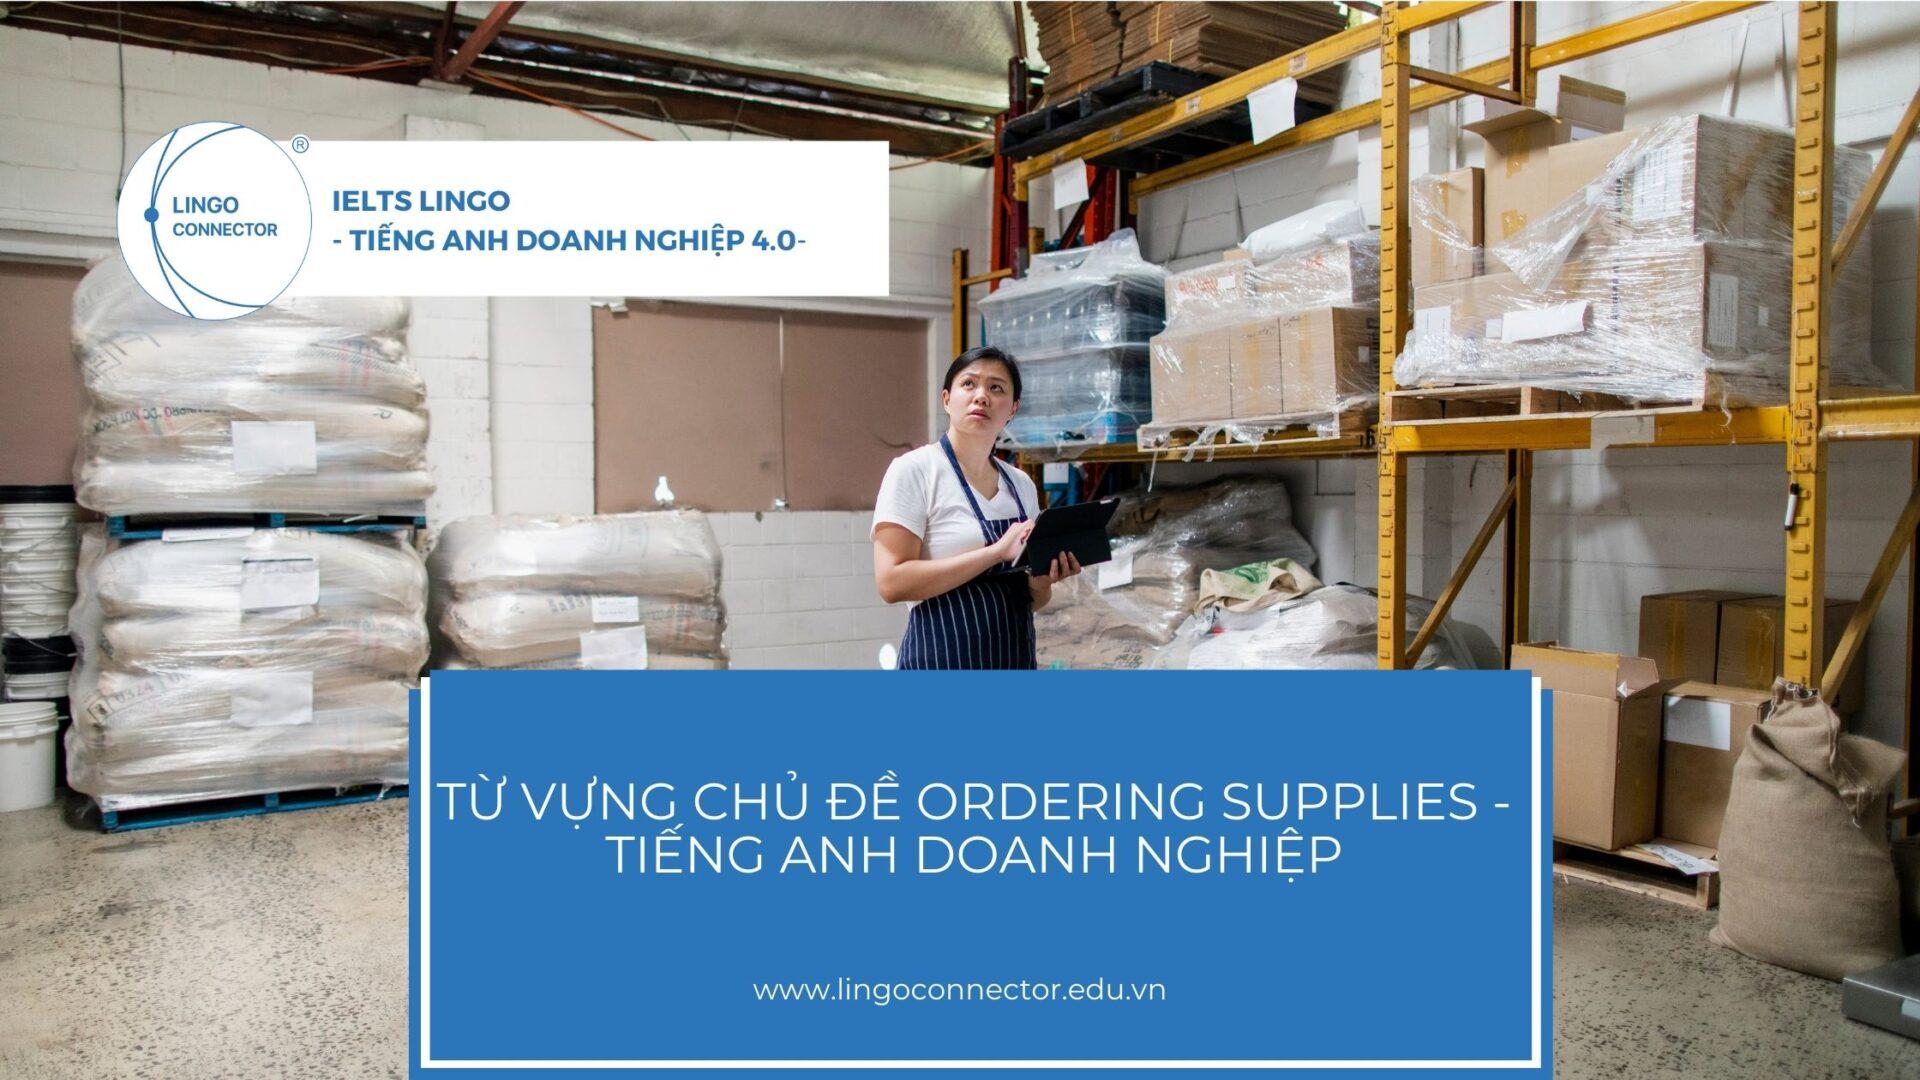 tu-vung-supplies-tieng-anh-DN